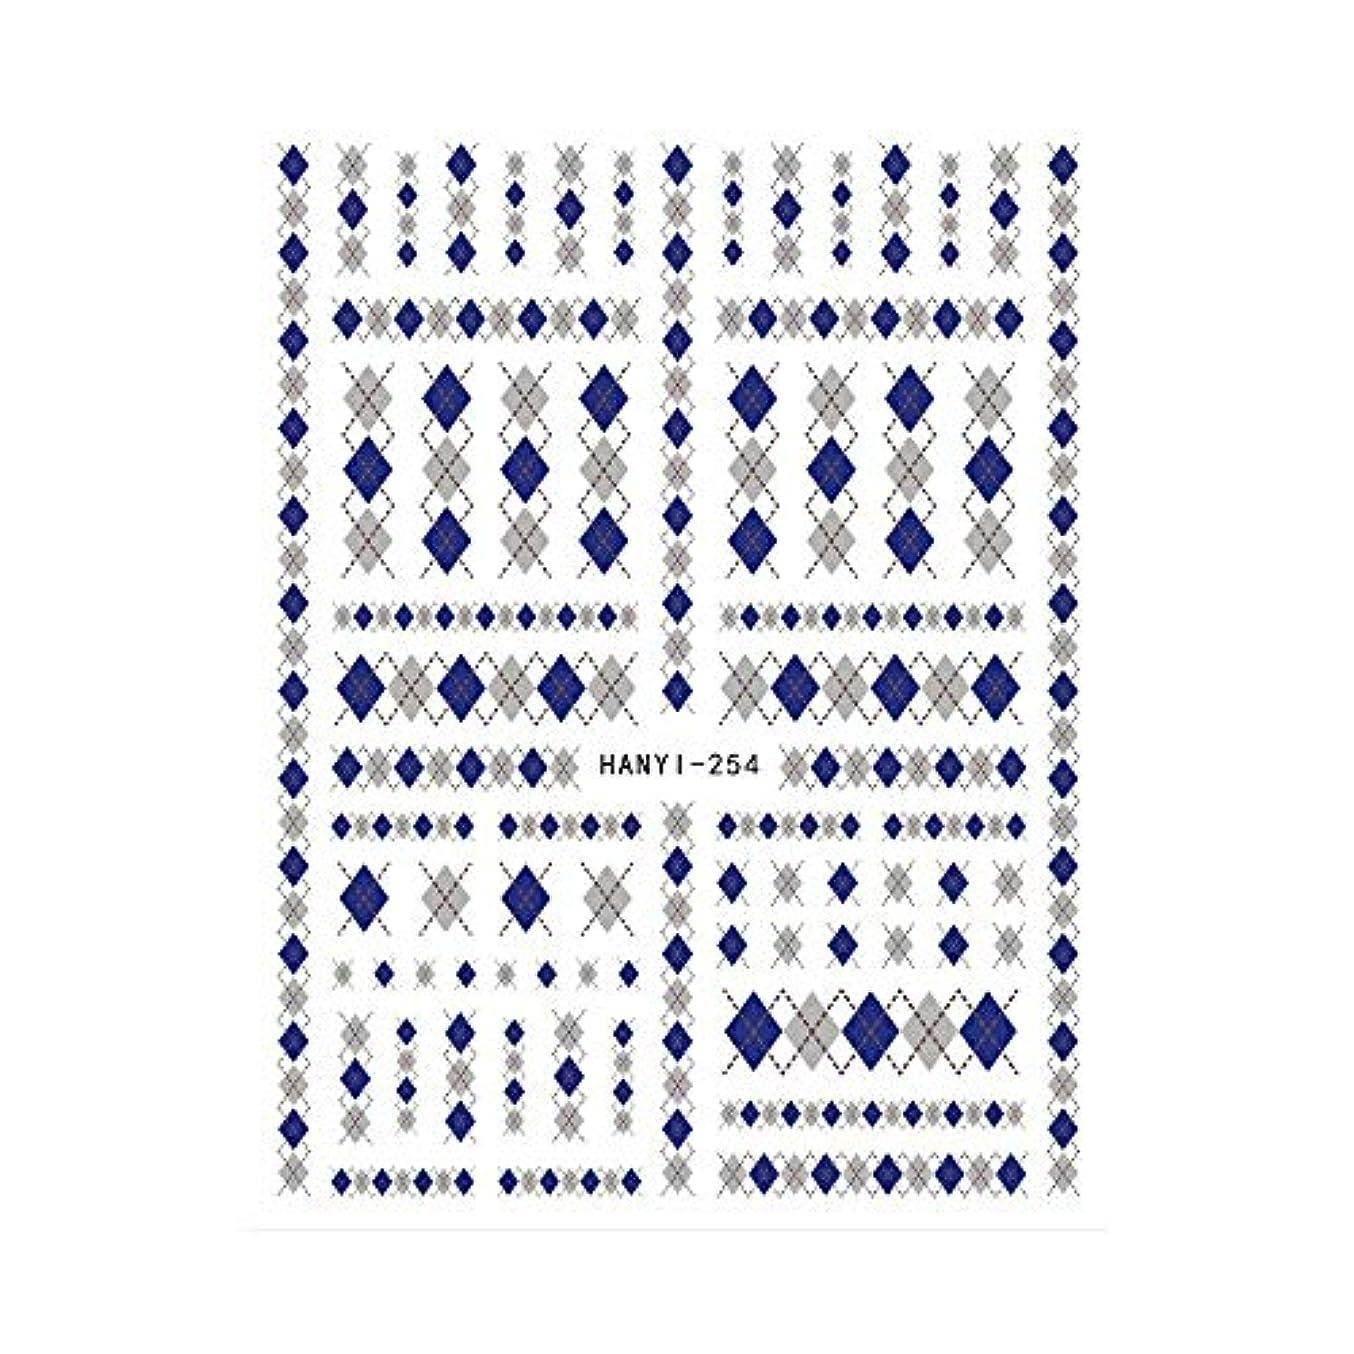 プラットフォームどれでも勝利したirogel イロジェルネイルシール トラッドアーガイルシール【ブルー】【HANYI-254】